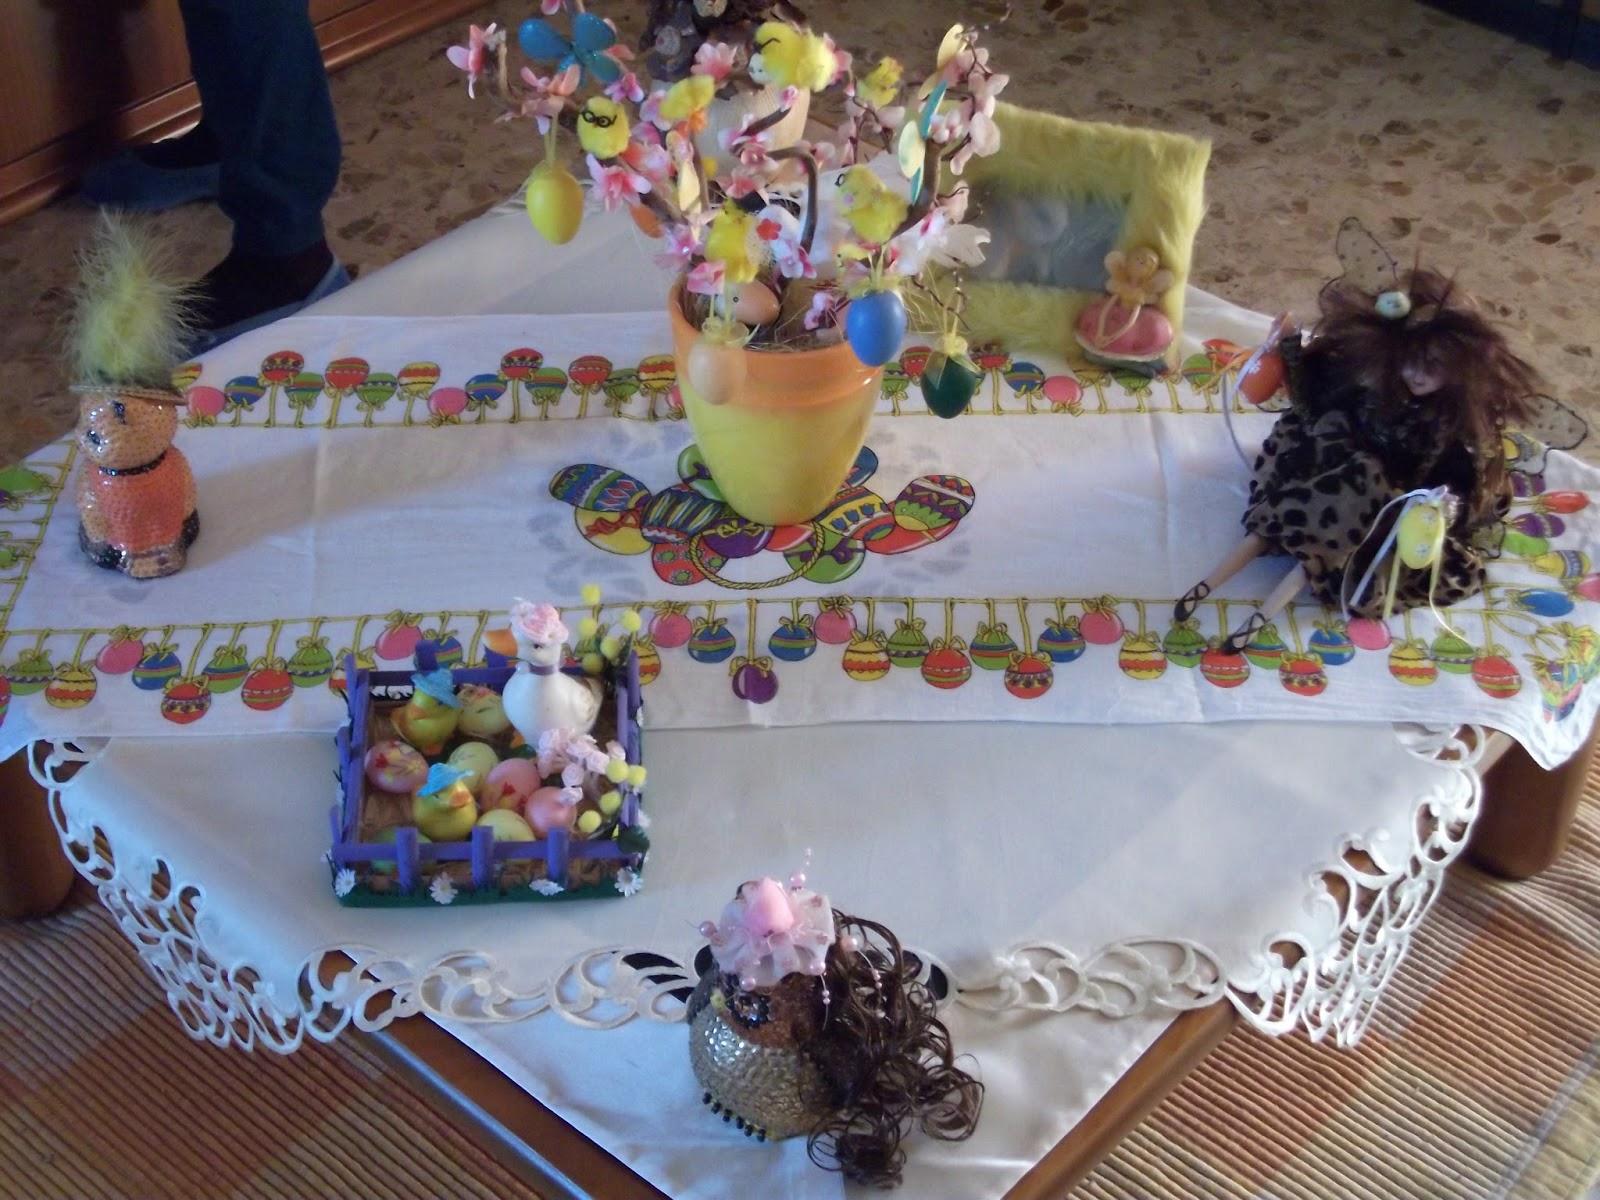 no solo de punto de cruz: idee creative:come decorare casa per pasqua - Arredare Casa Per Pasqua